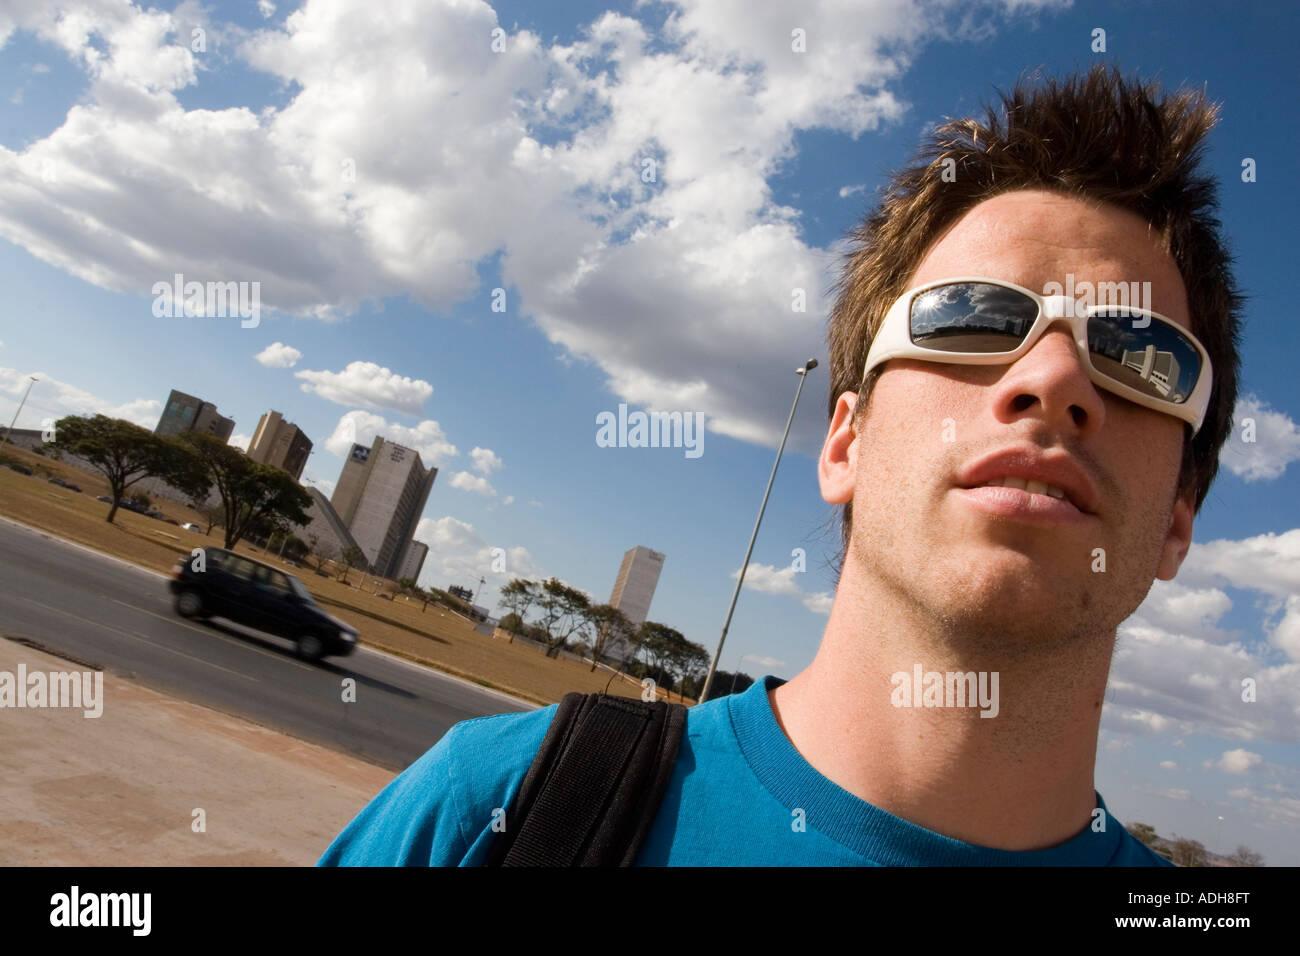 Turista europeo en Brasilia Foto de stock